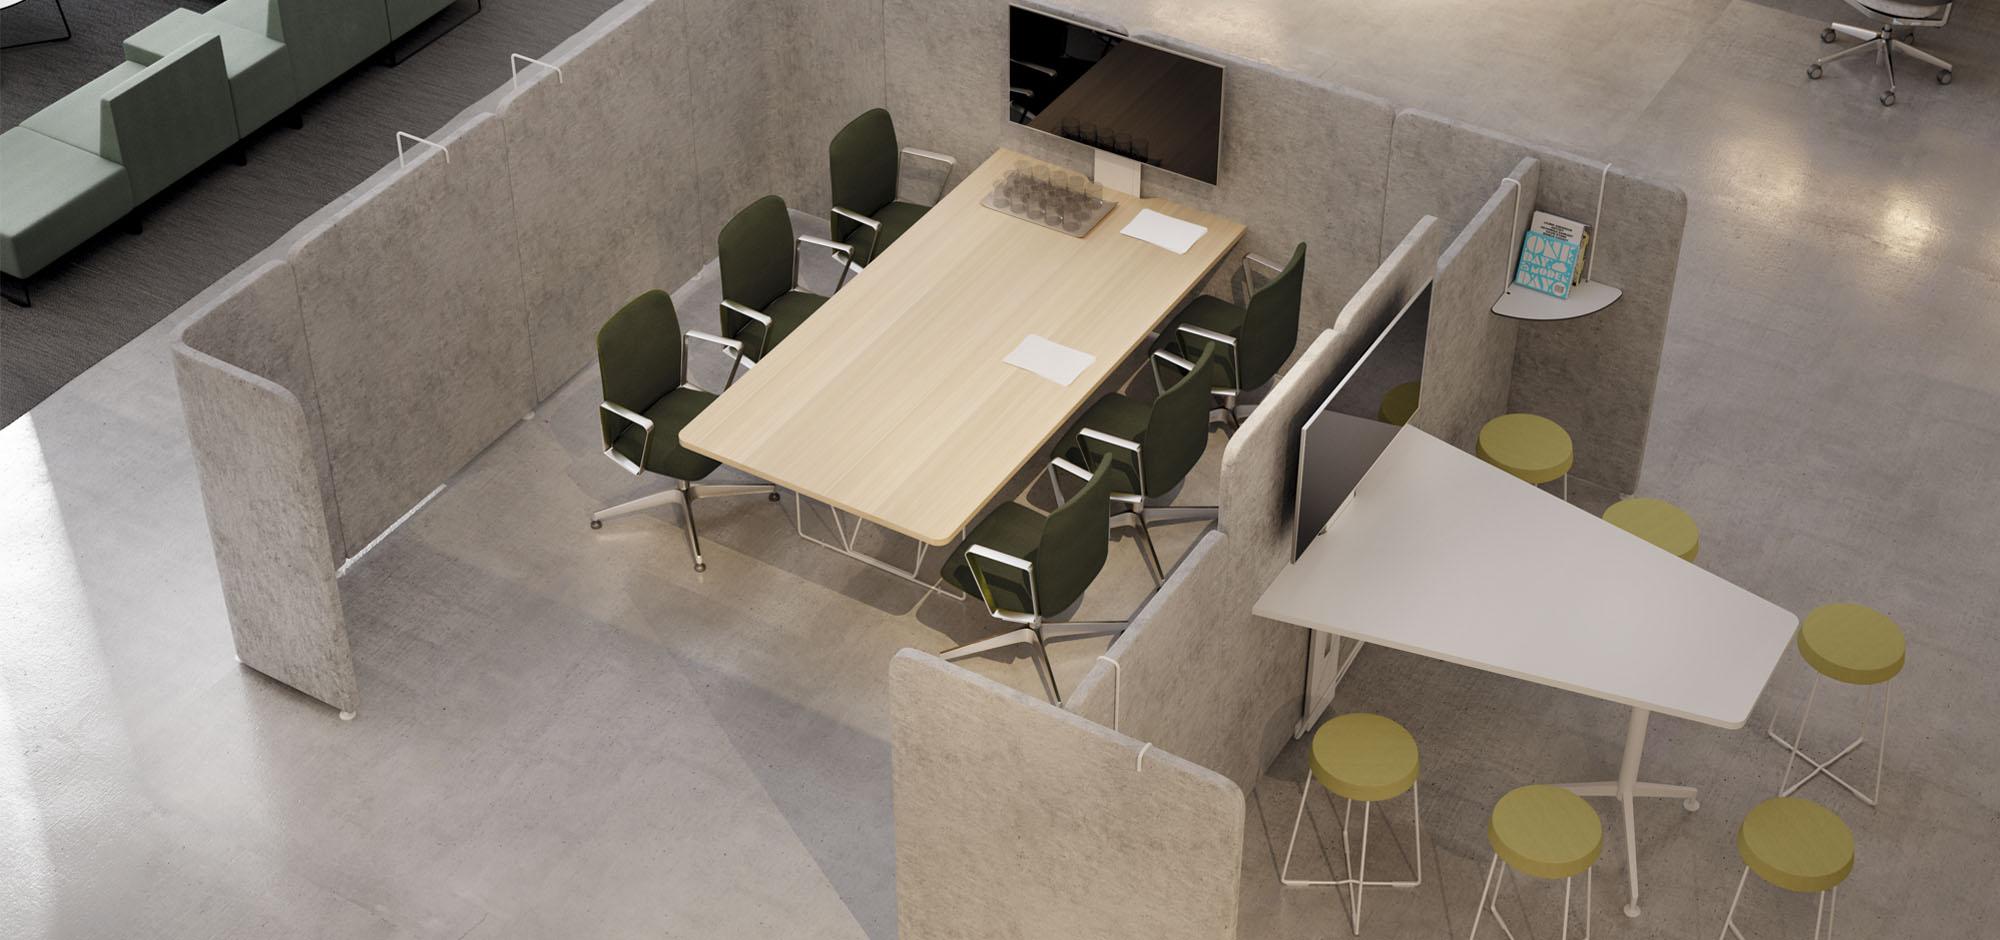 Oficina flexible arquitectos